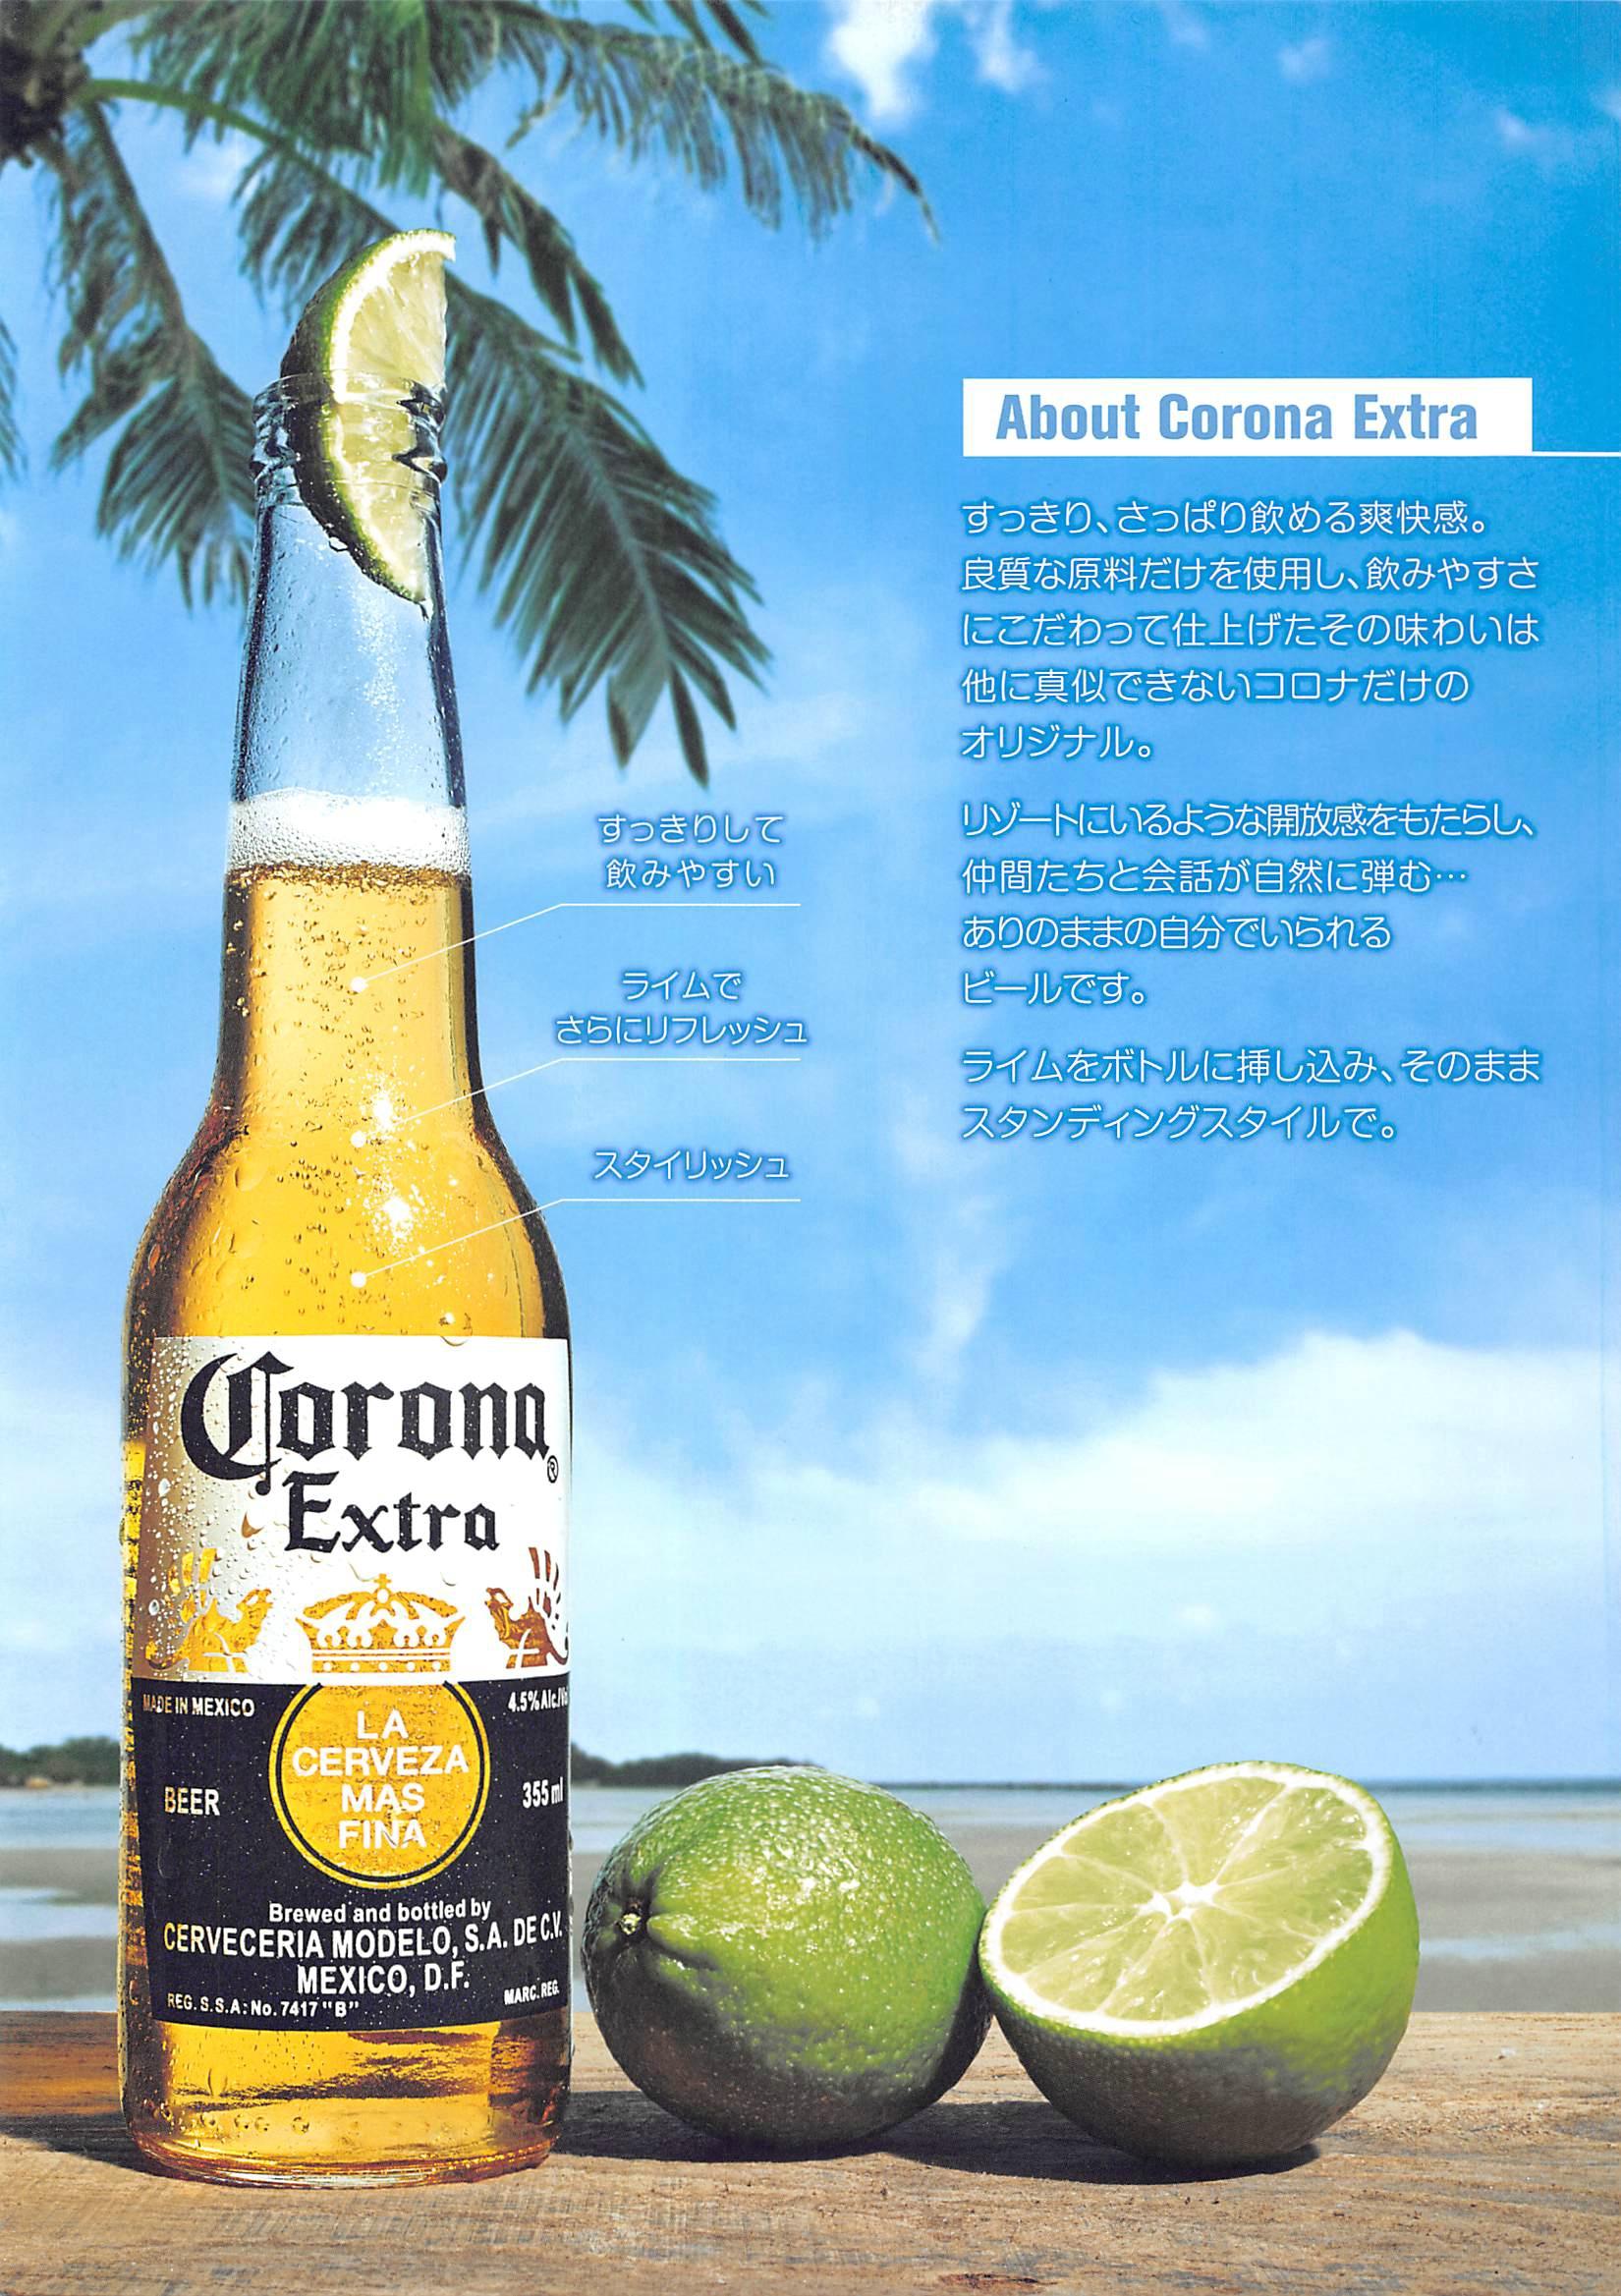 コロナビール商品パンフレット_02